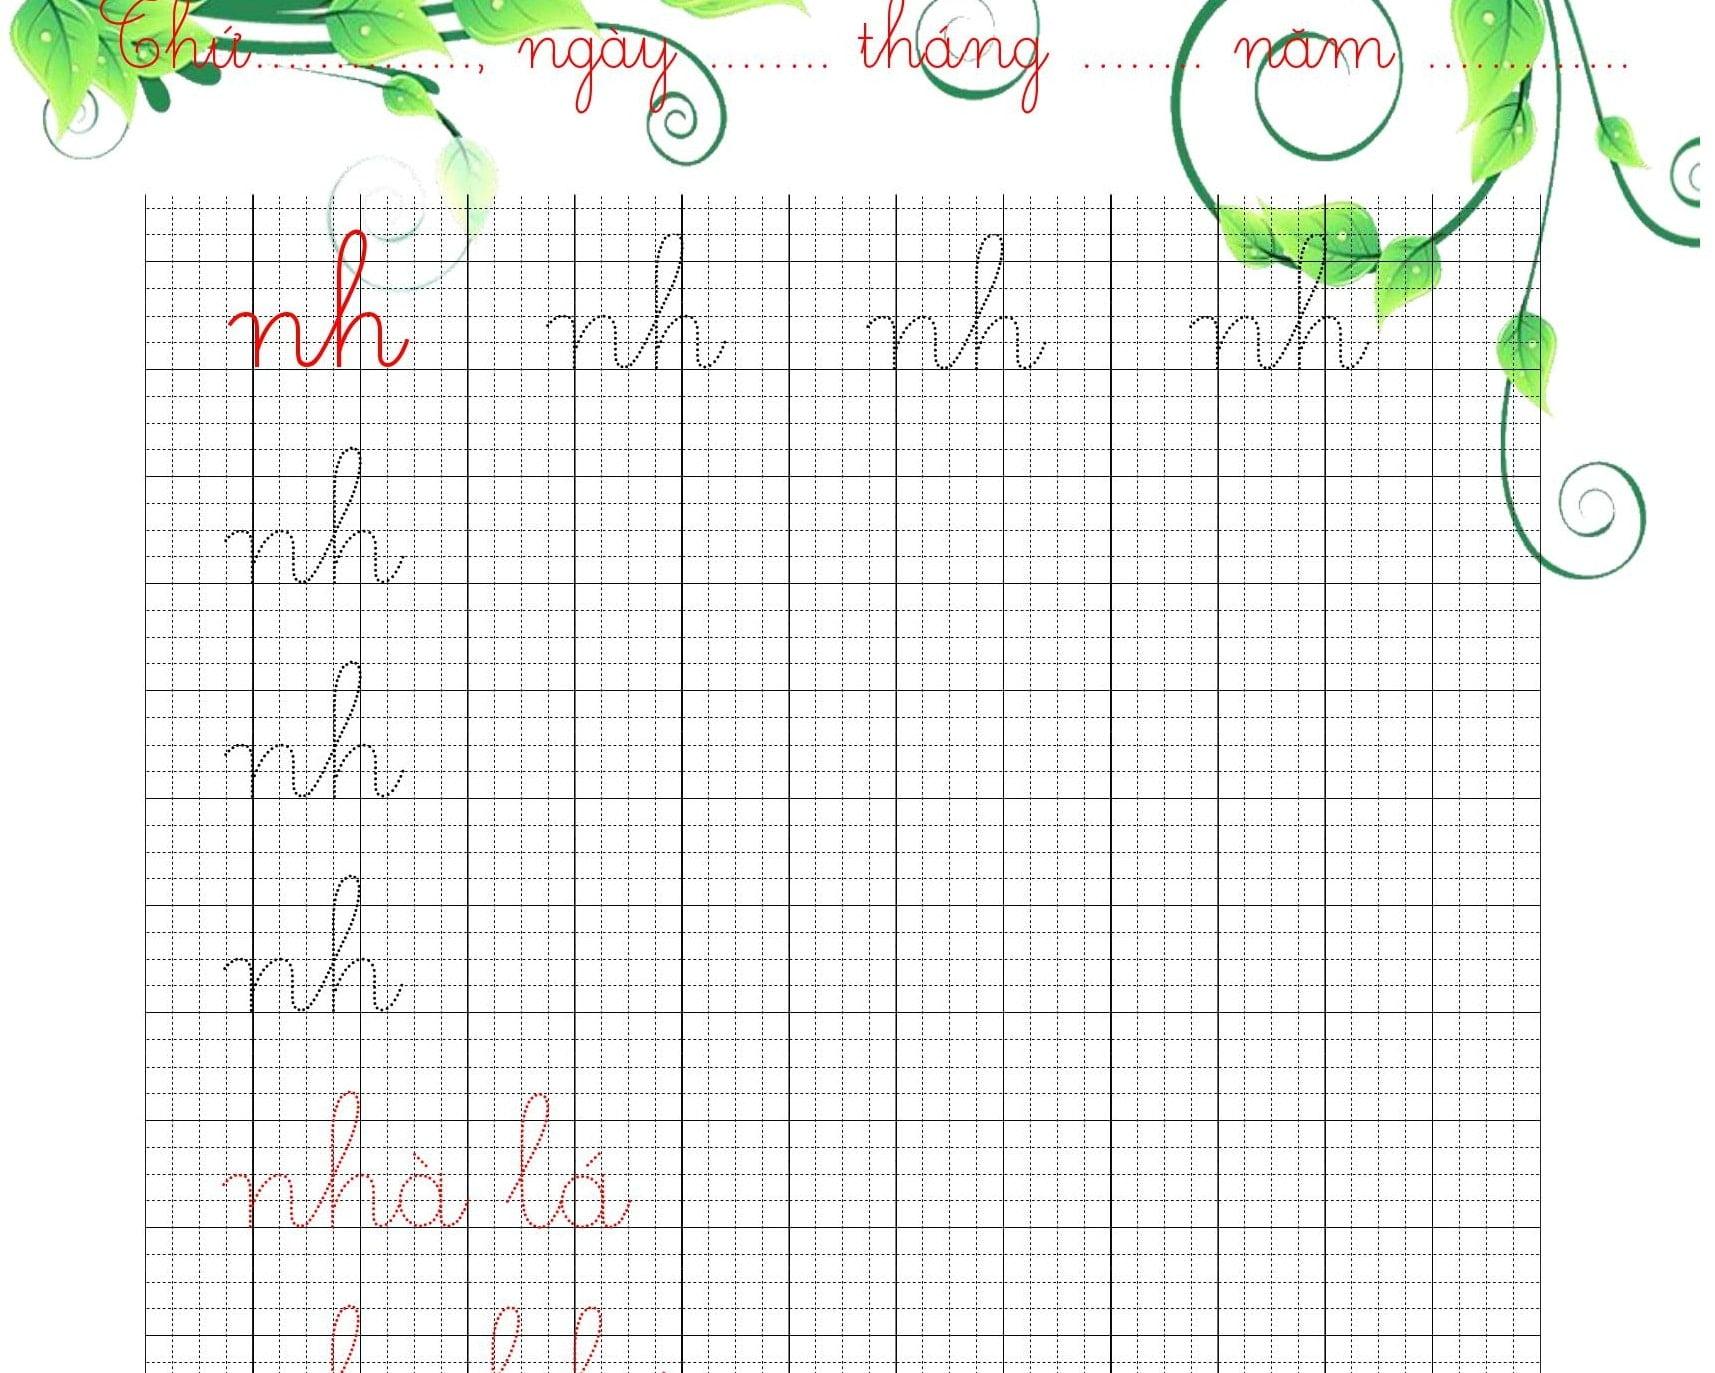 Bản mềm: Vở mẫu luyện chữ cái thường, nhóm chữ ghép cỡ 4 ô ly